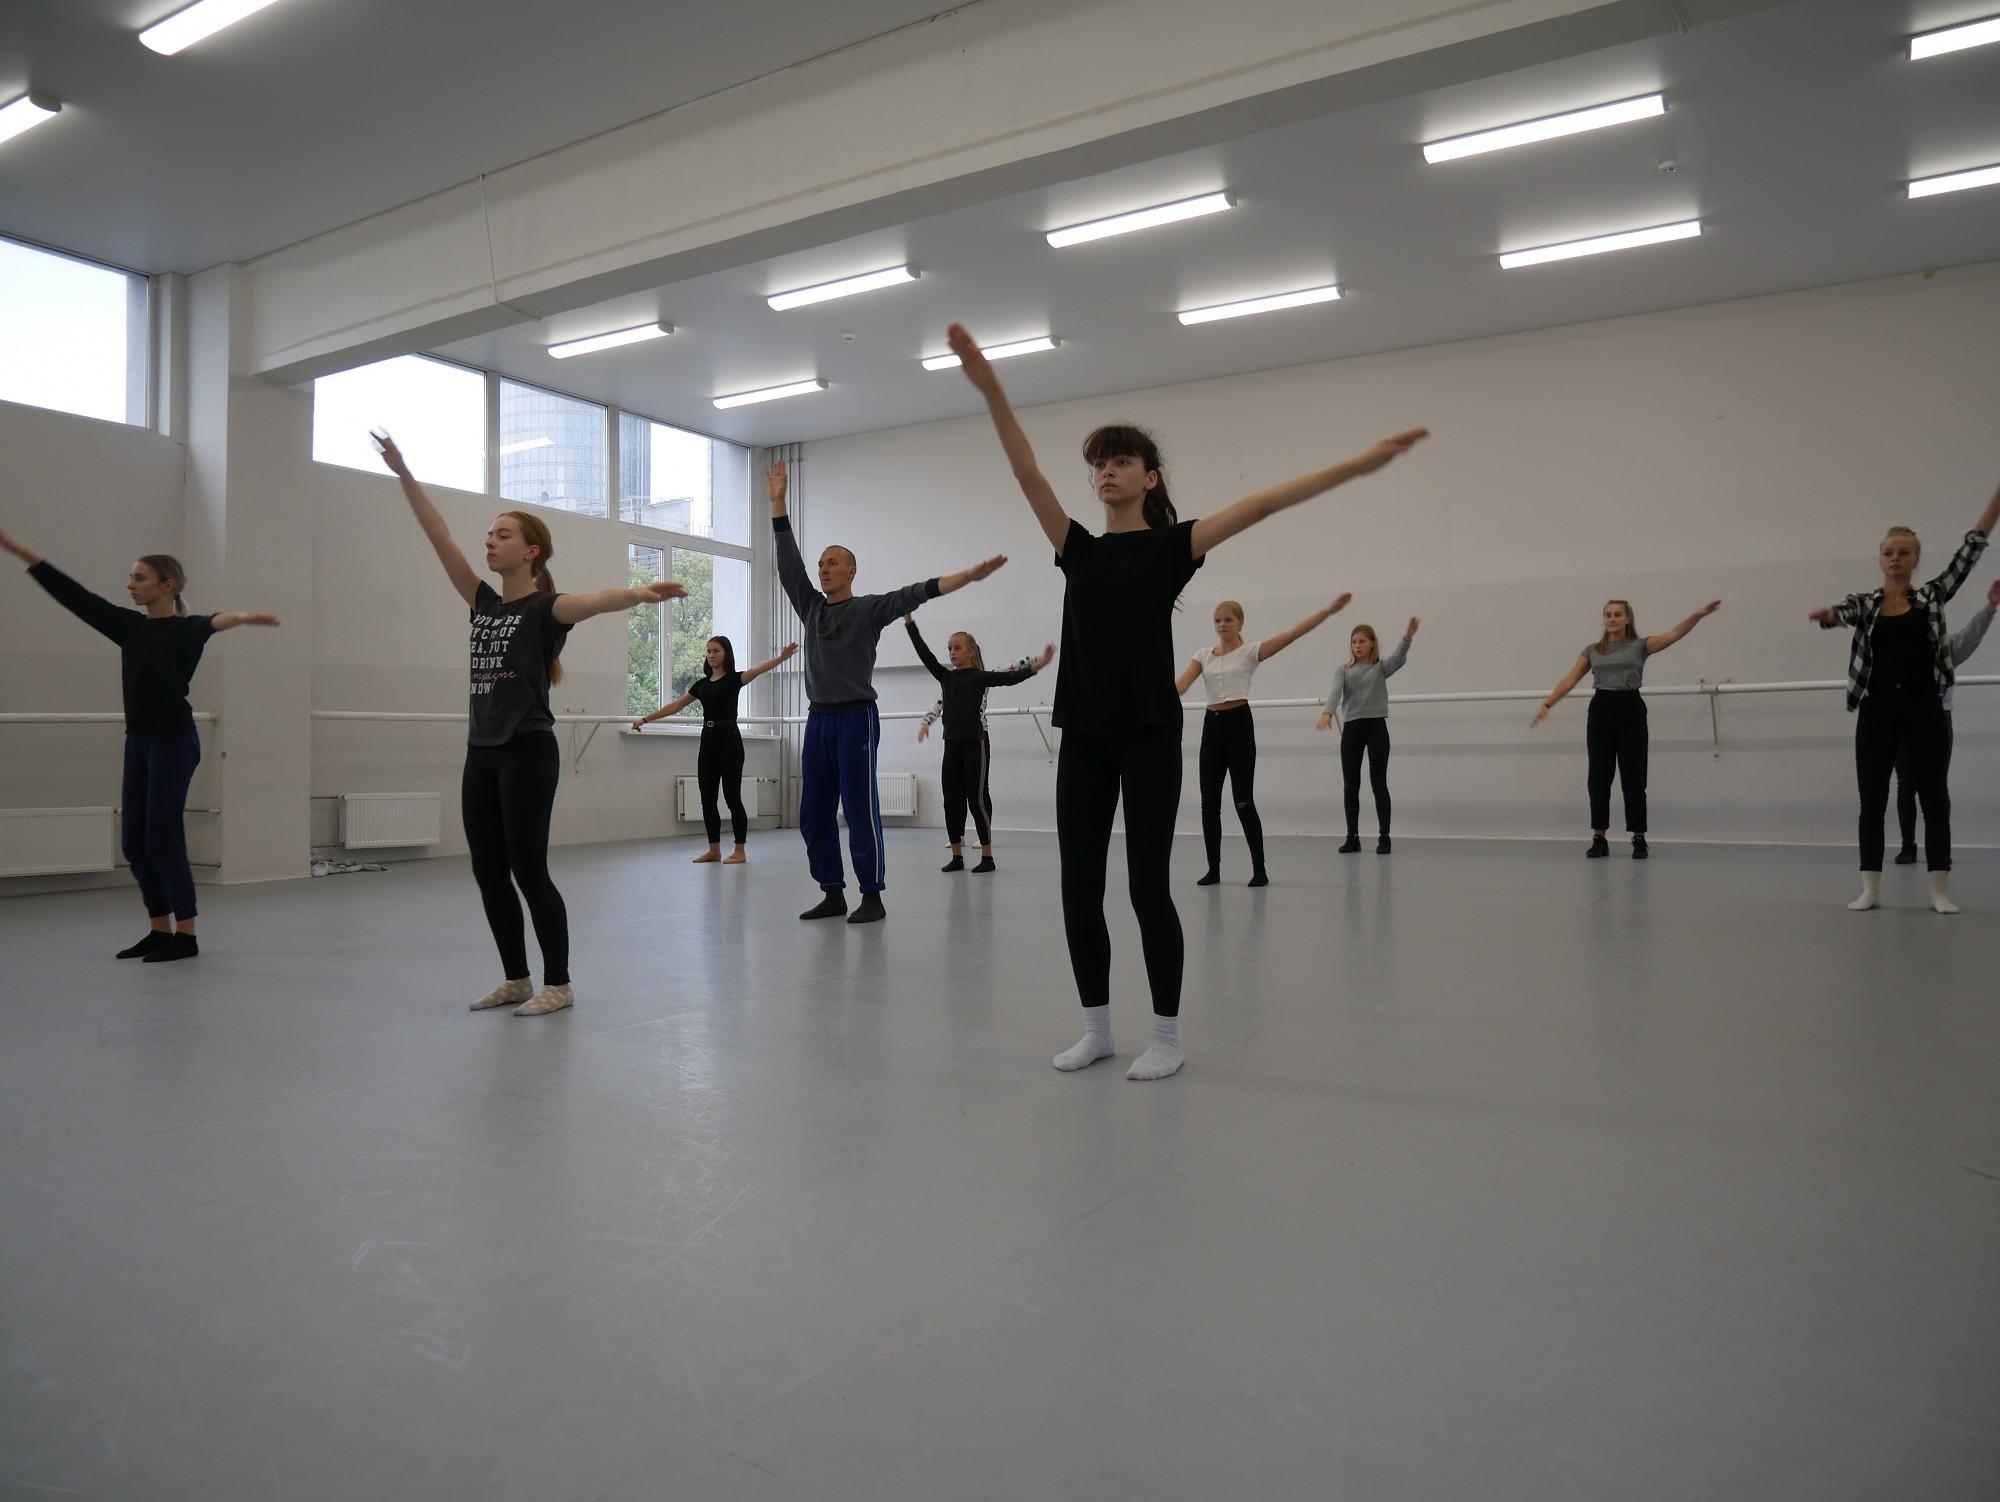 Liepājas dejotāji piedalās baleta klases stundās Rīgā